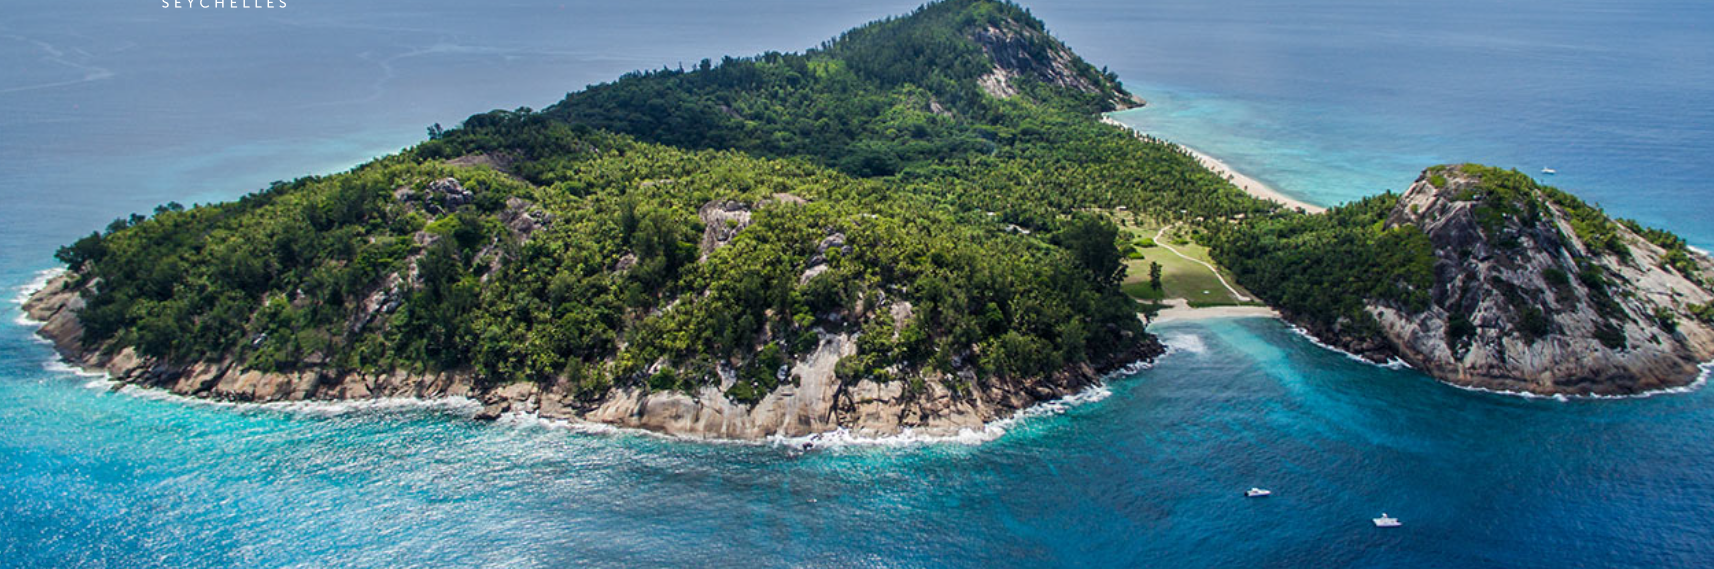 塞舌尔北岛酒店<br/>North Island Seychelles